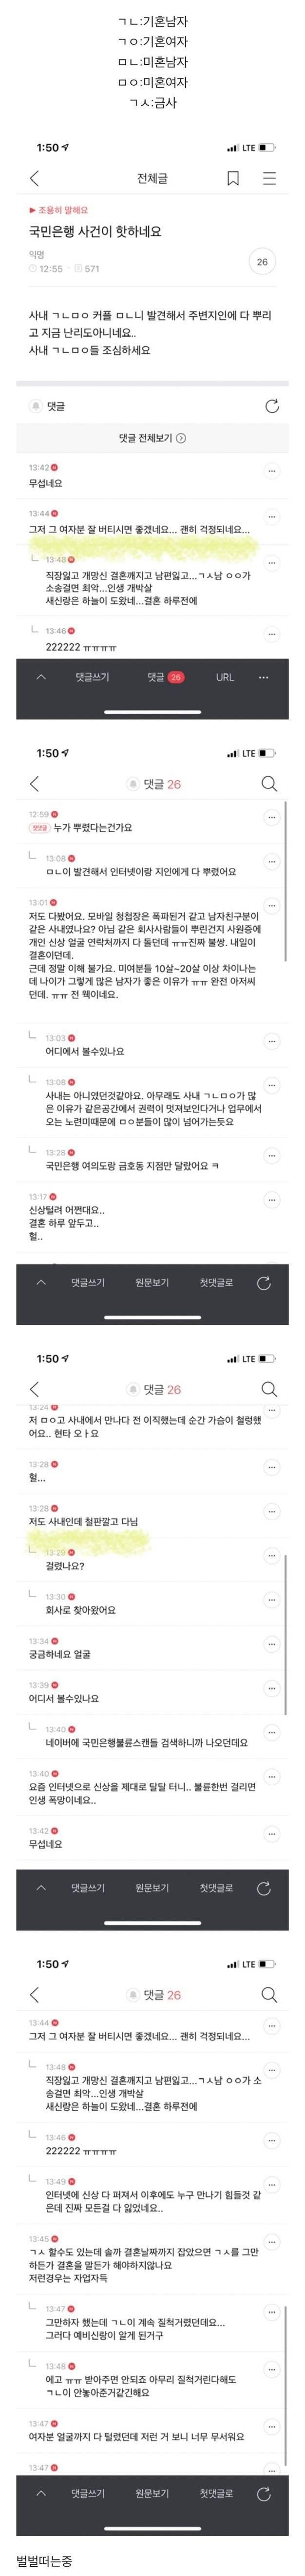 국민은행 사건 불륜카페 반응이래 | 인스티즈